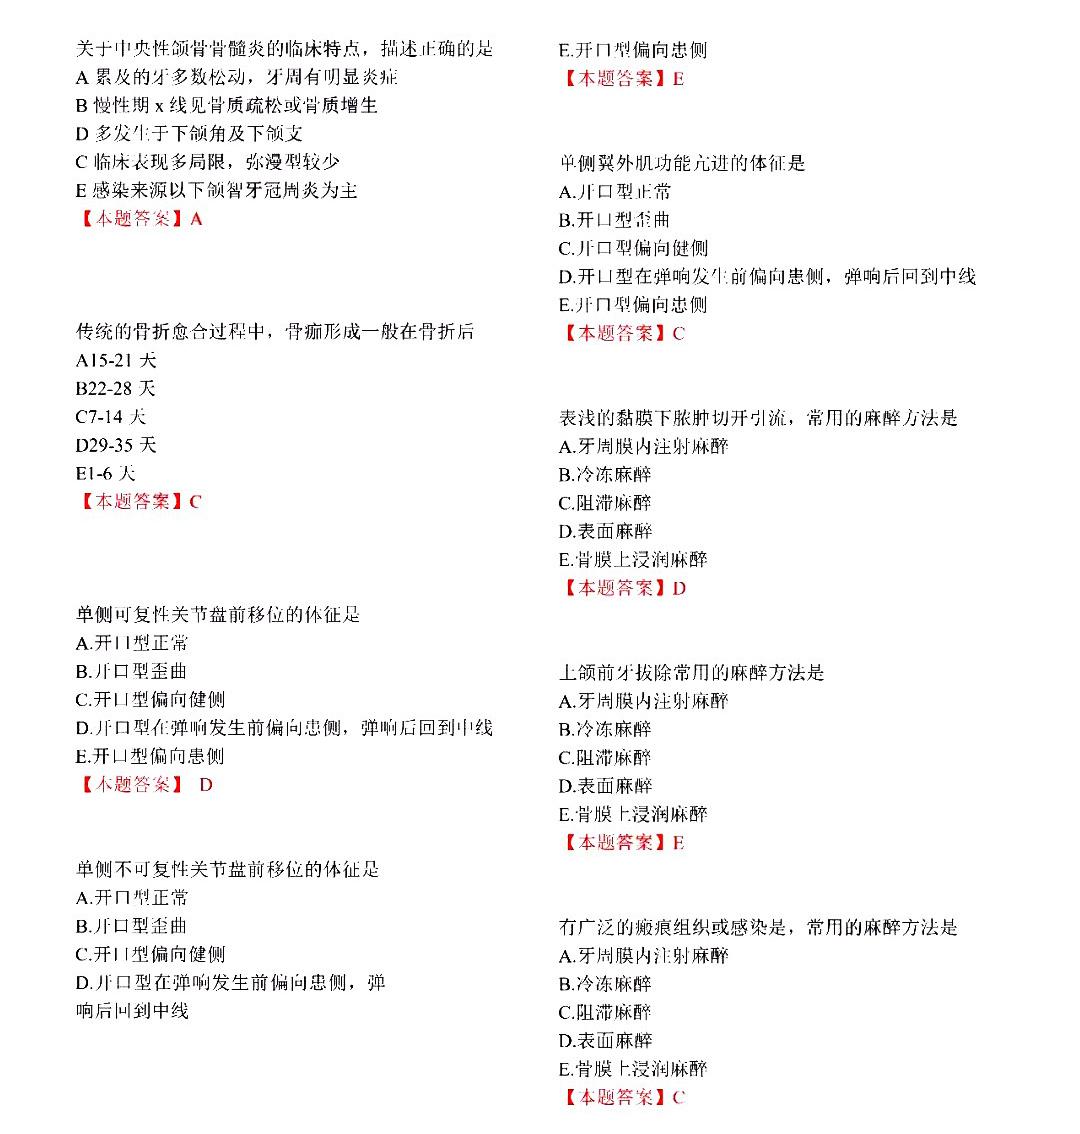 2019年口腔执业医师考试综合笔试真题(第二单元)